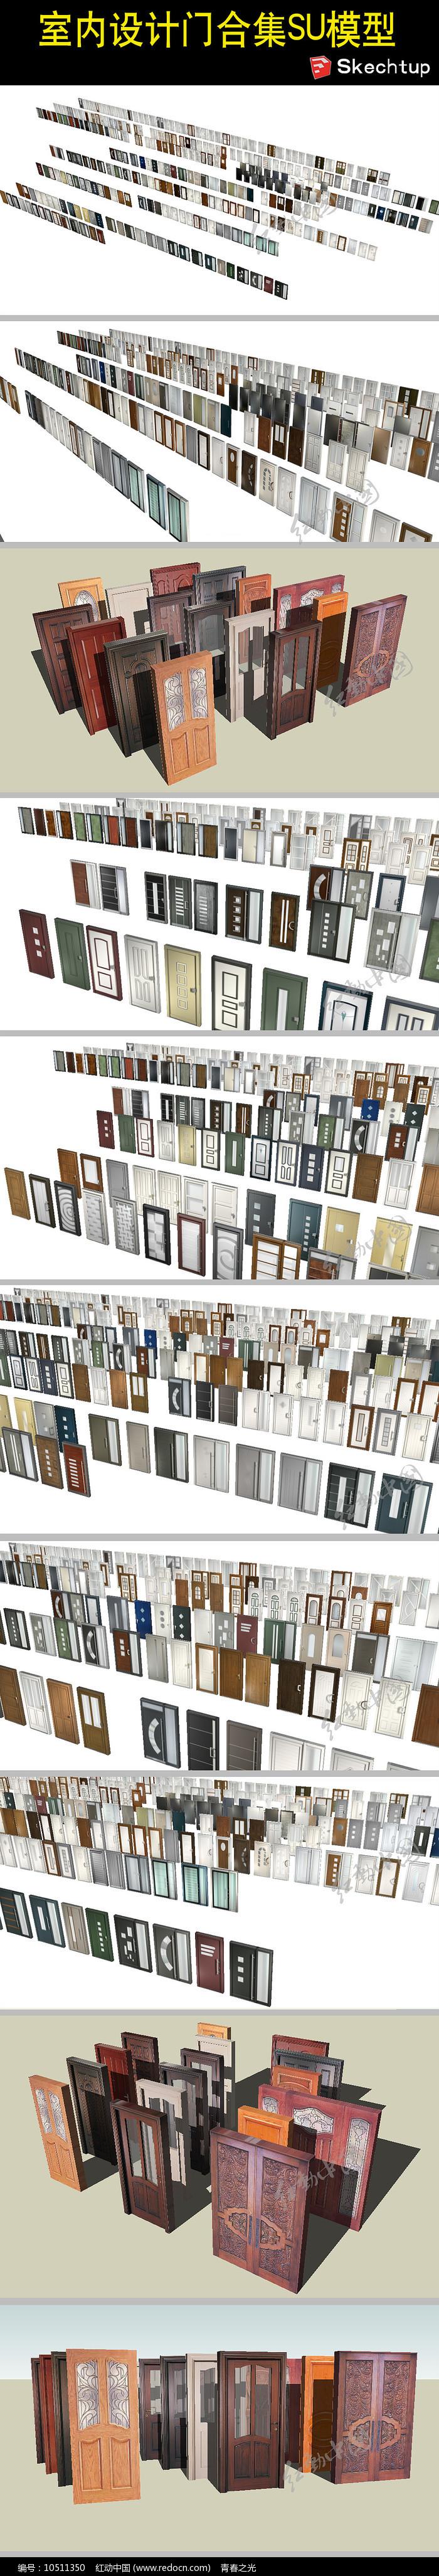 室内设计门合集SU模型图片